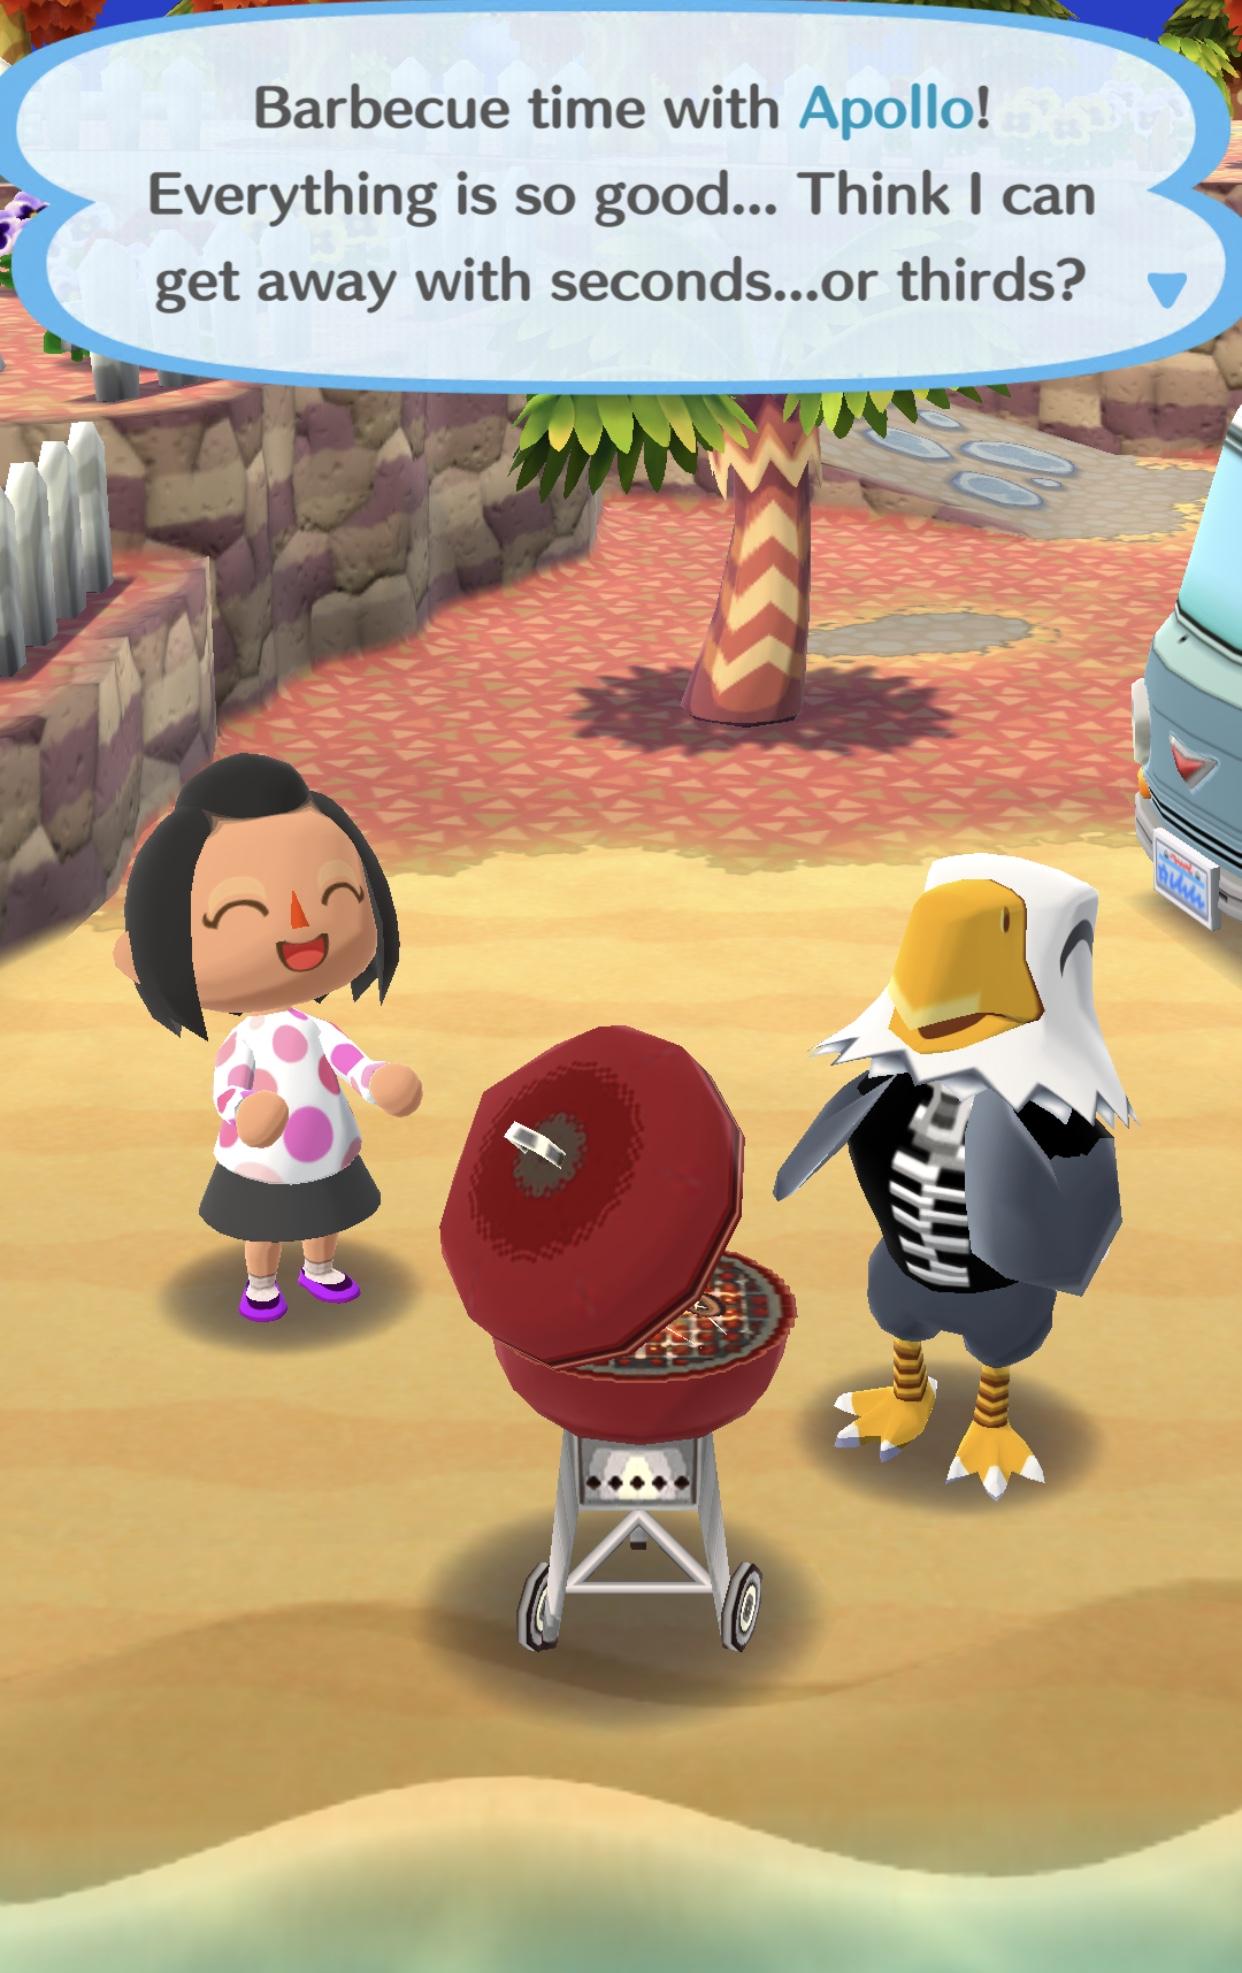 Apollo Animal Crossing Wiki Fandom Powered By Wikia